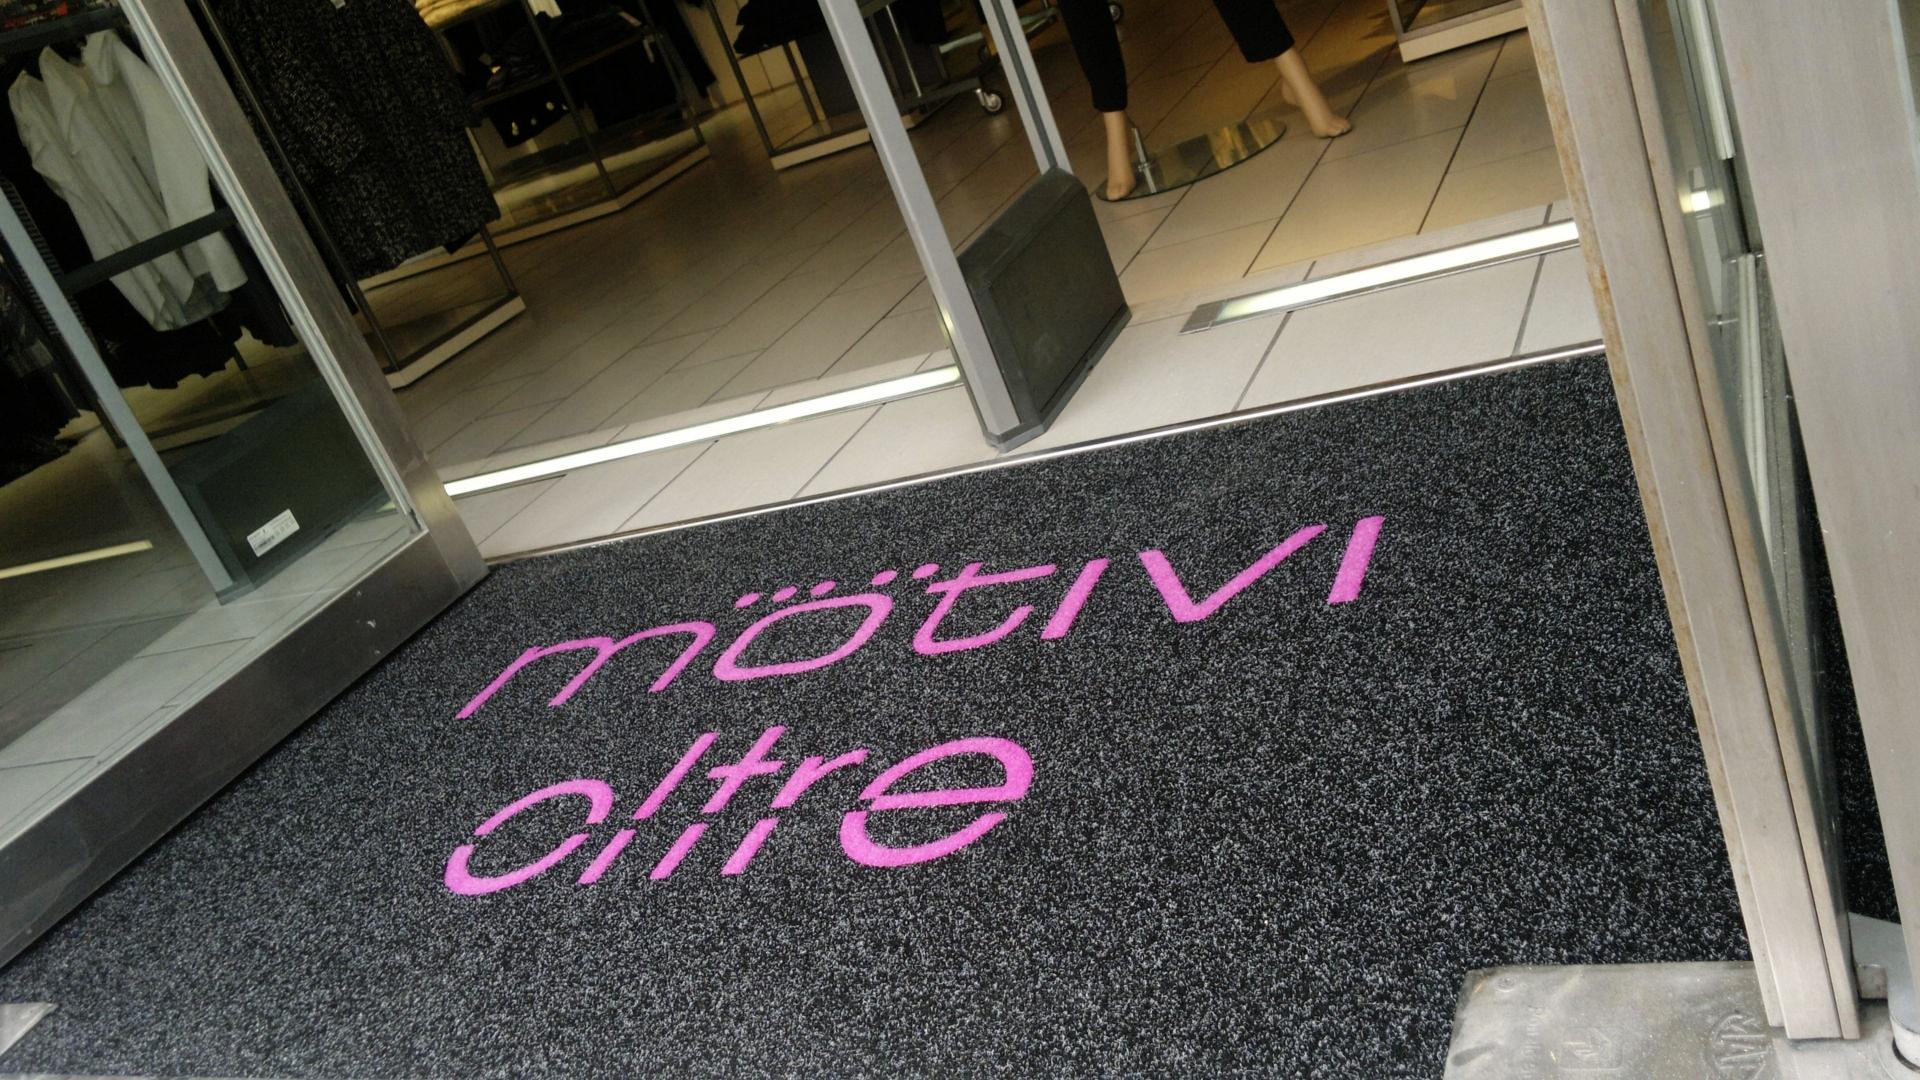 Ingresso di un negozio con un Tappeto intarsiato personalizzato con il logo Motivi e oltre di colore nero puntinato e fuxia